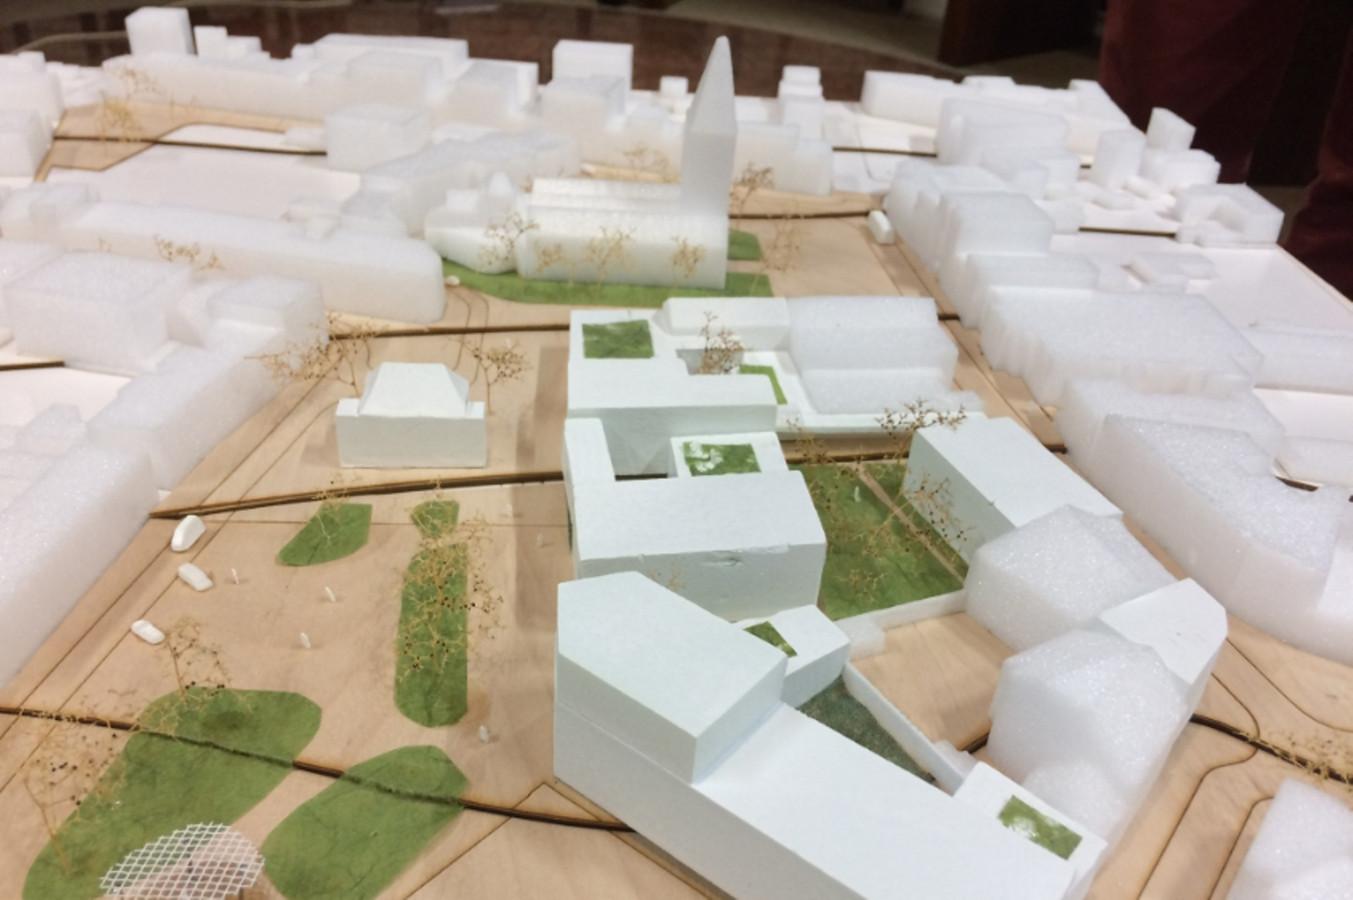 Een maquette toont het masterplan voor het nieuwe dienstencentrum en de centrumomgeving van Lede.